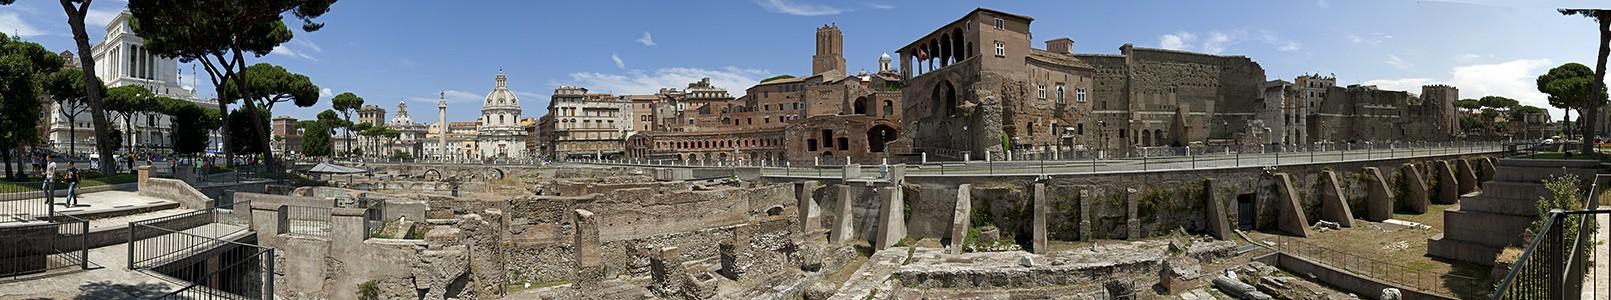 Trajansforum Rom